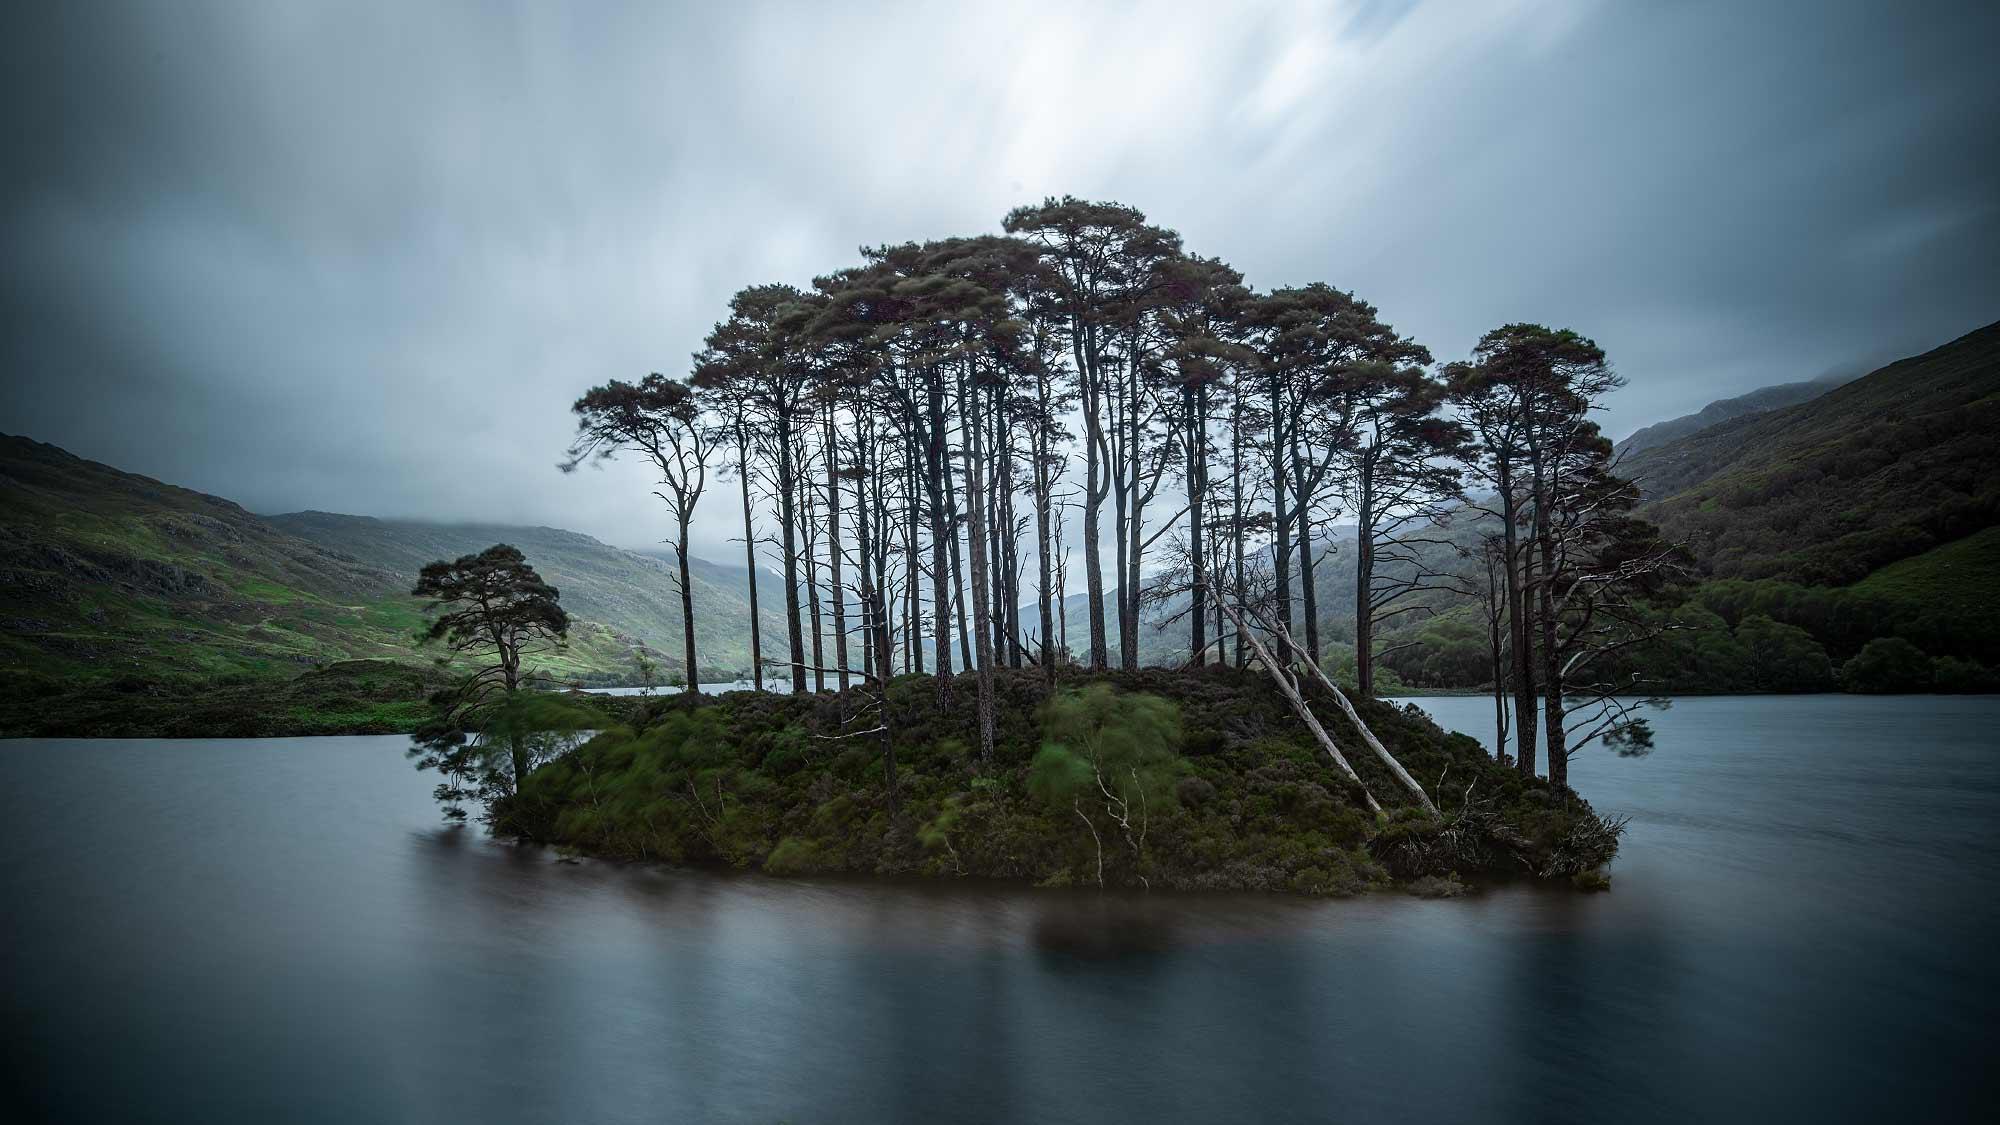 Die Insel im Loch Eilt kommt auch in den Harry-Potter-Filmen vor - als Ruheort für Albus Dumbledor.